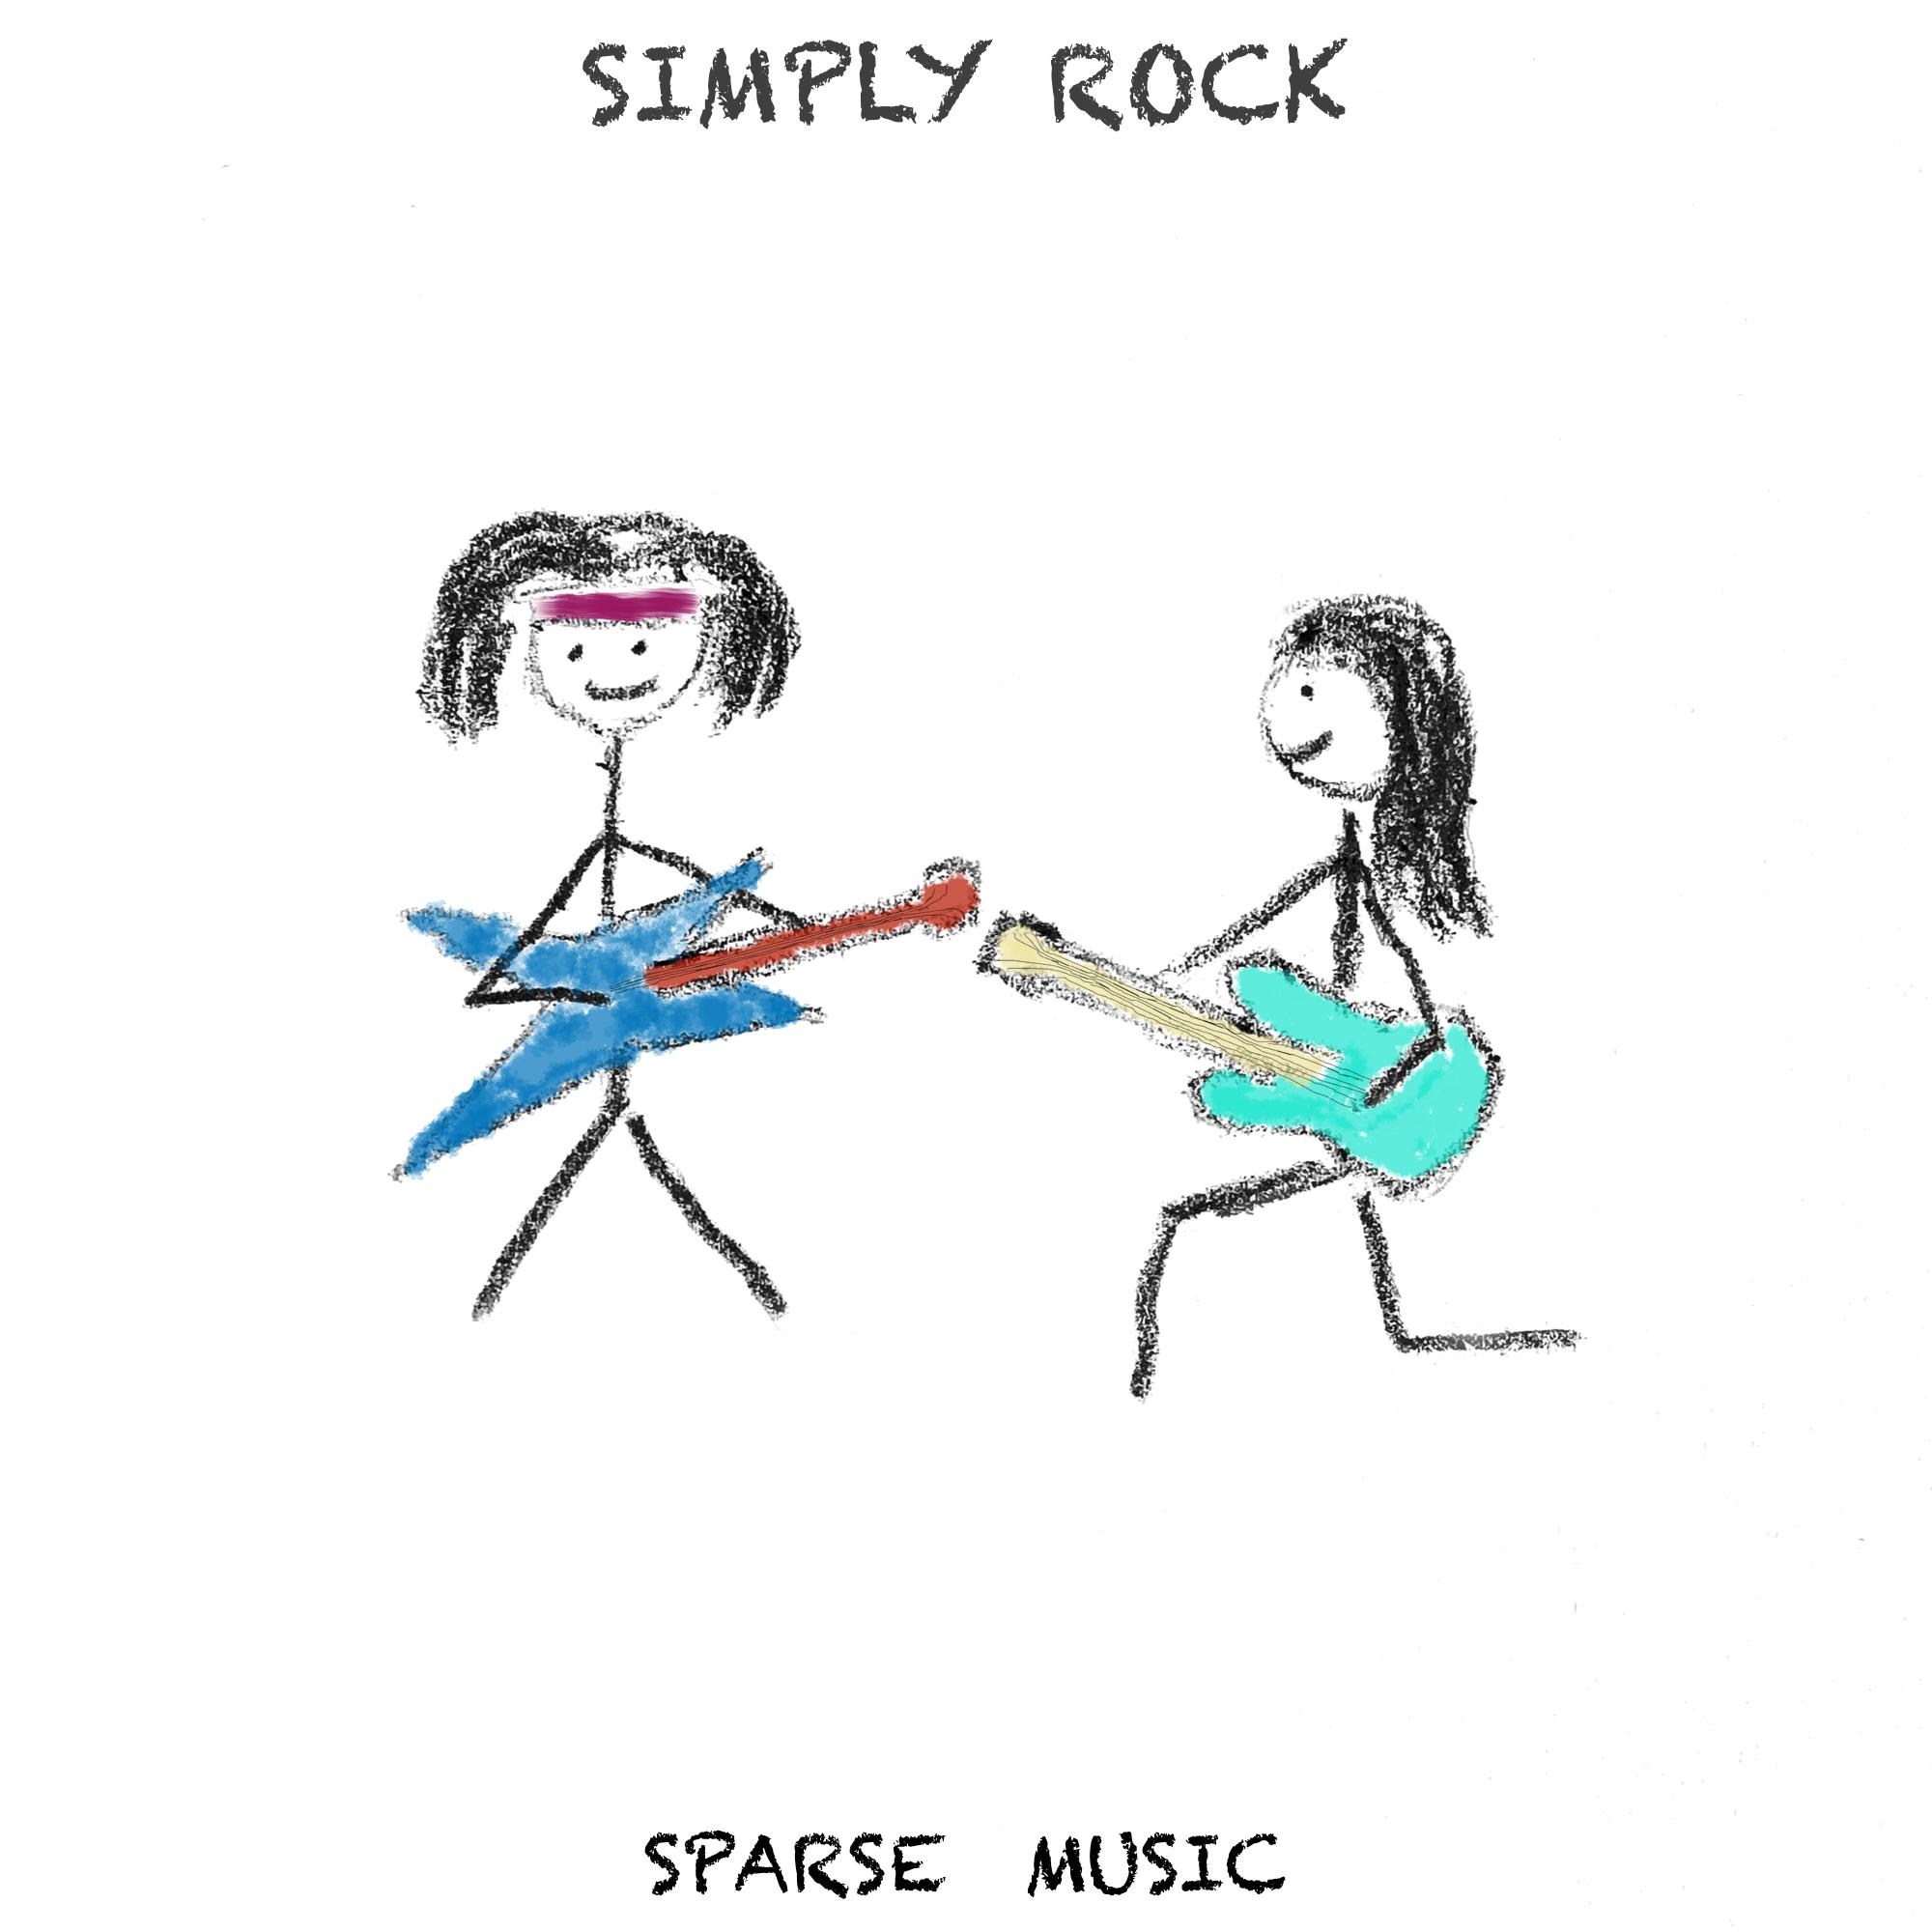 SPRS 01051 SIimpy Rock2000